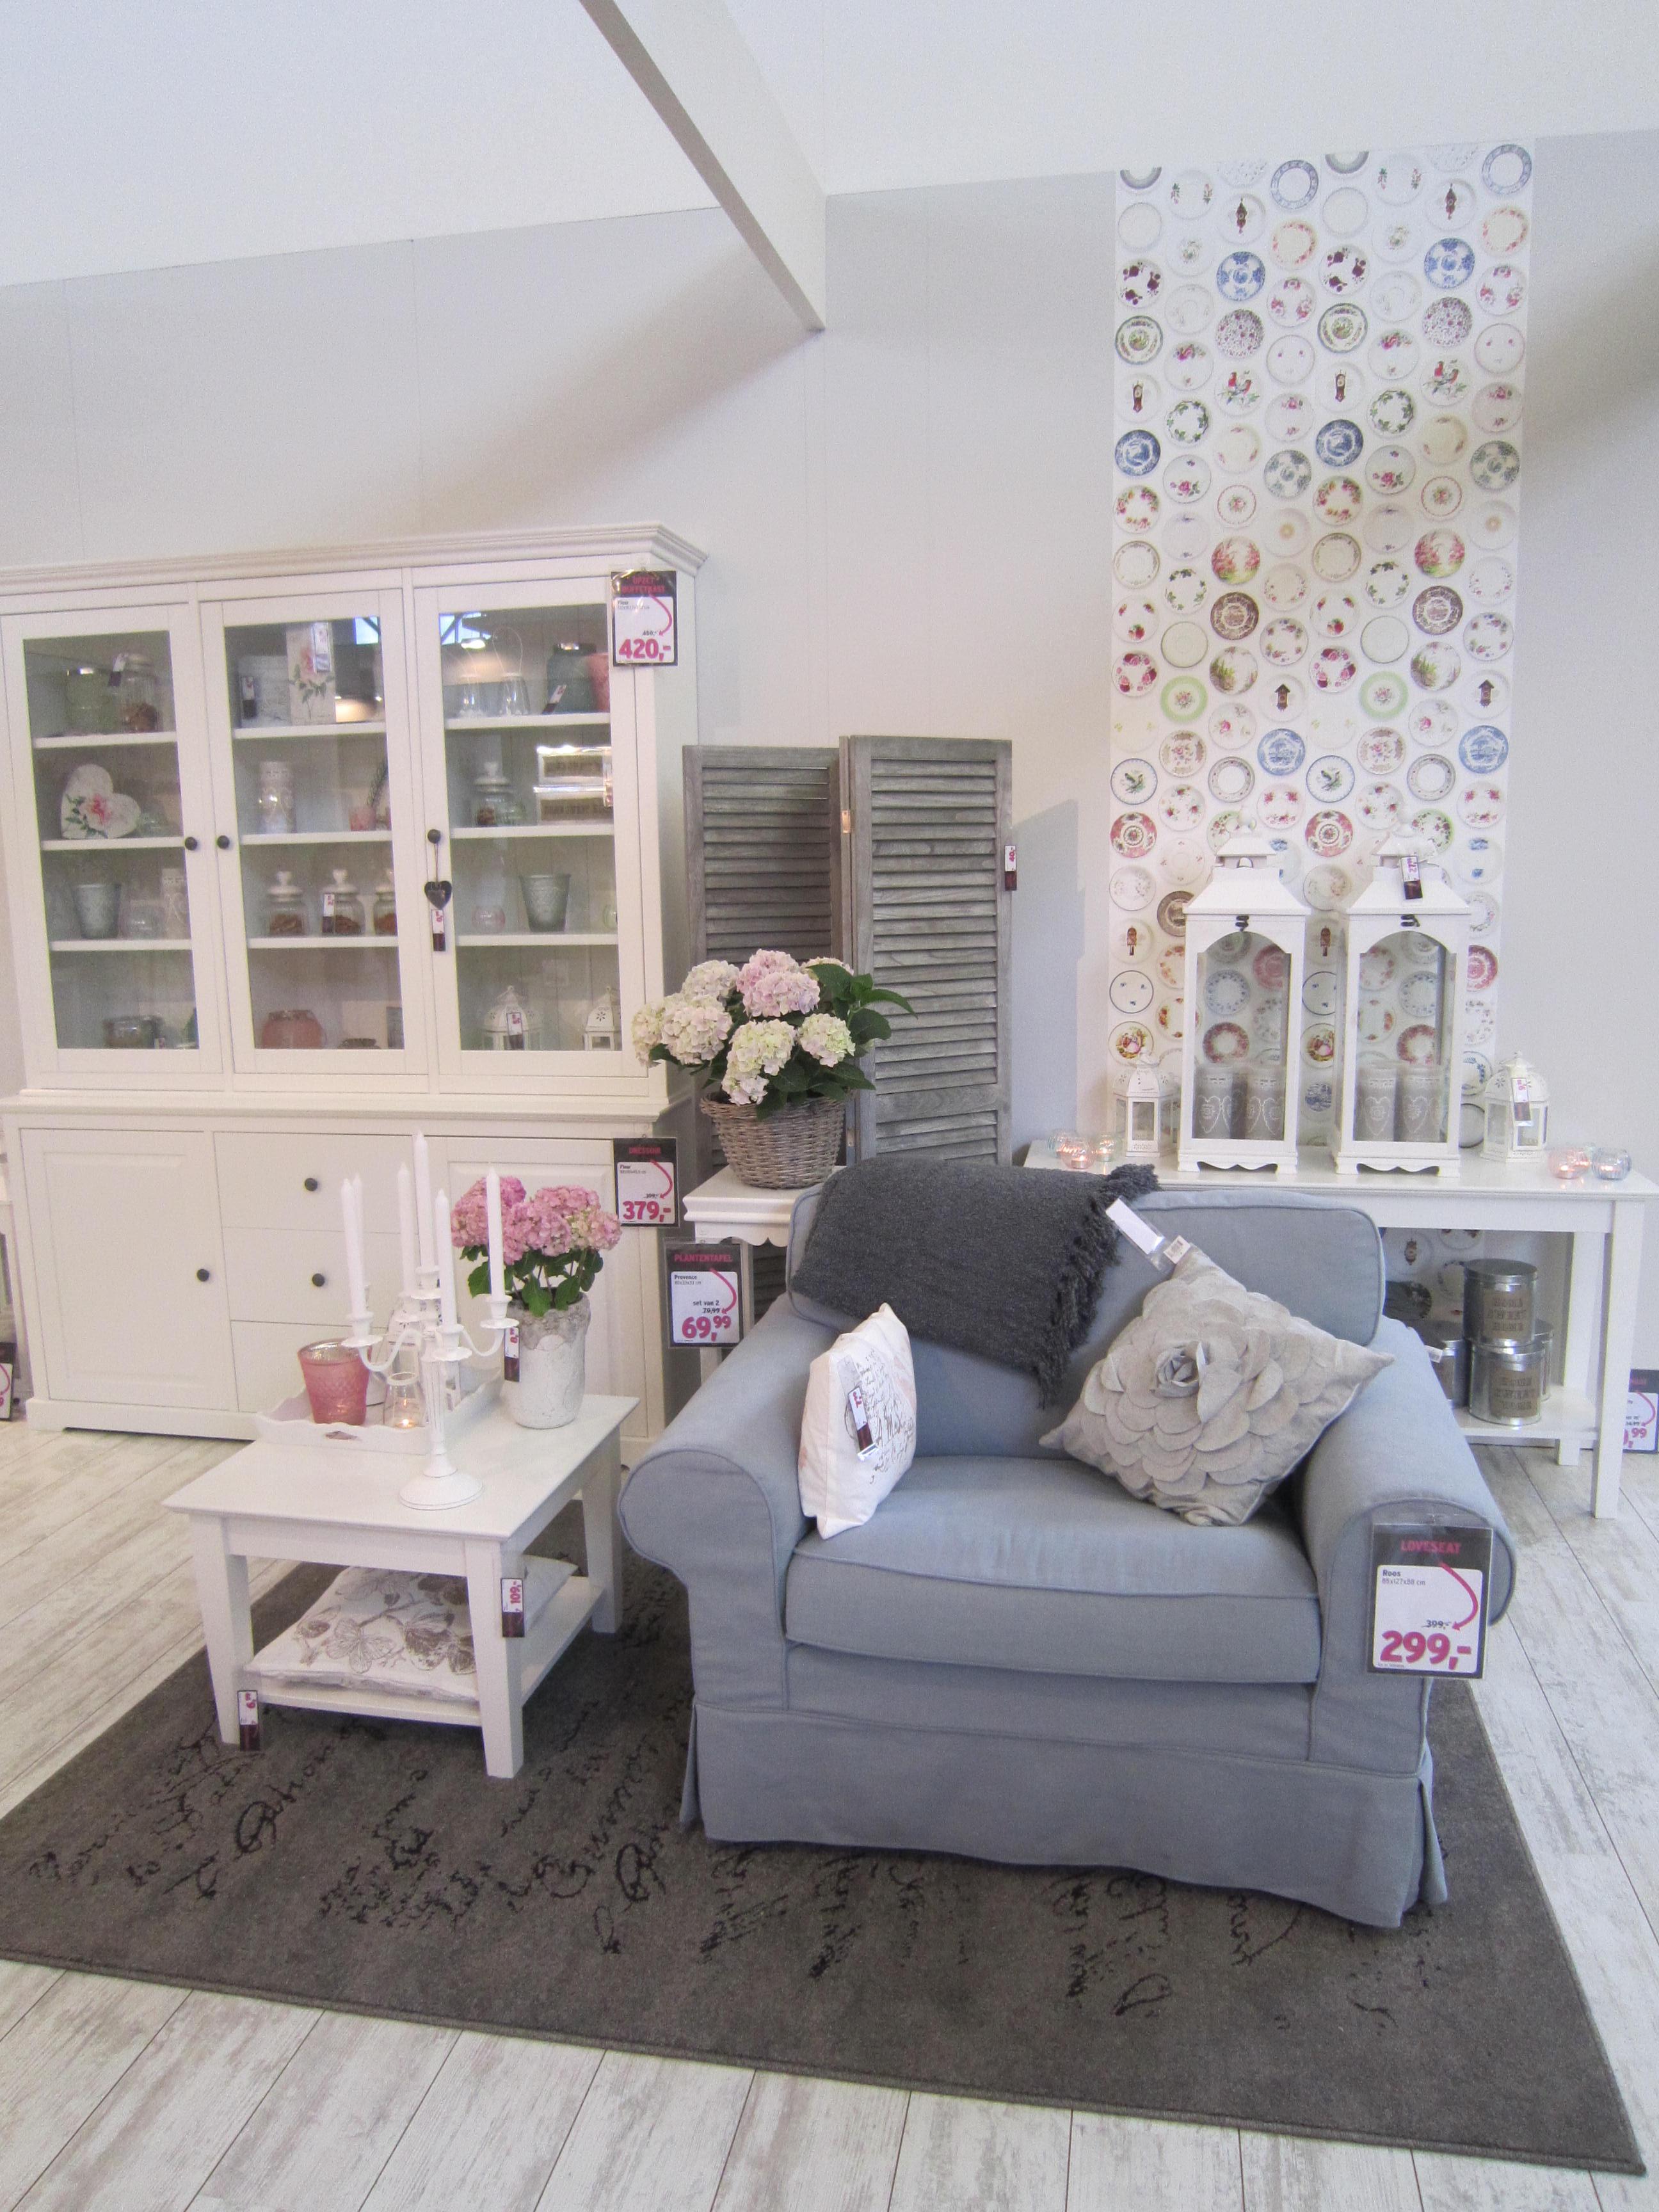 Roze Decoratie Woonkamer : Woonkamer decoratie beelden woonkamer ideeen hout beste